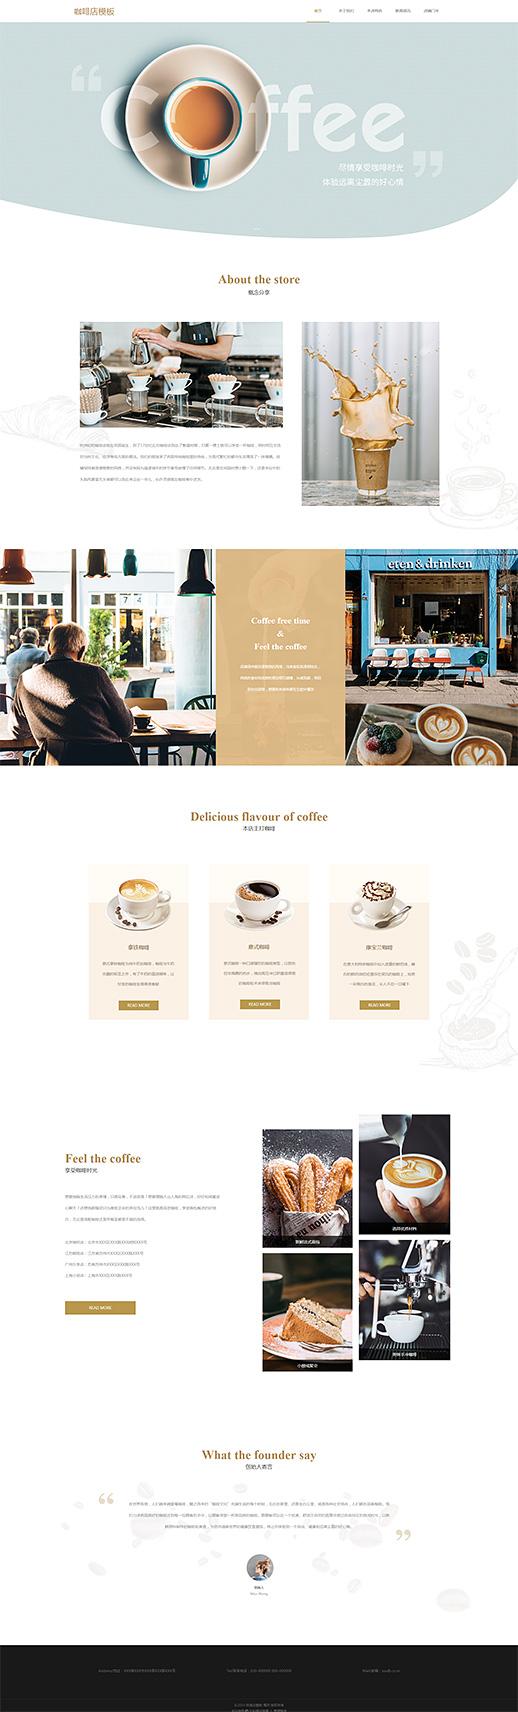 时尚咖啡店下午茶